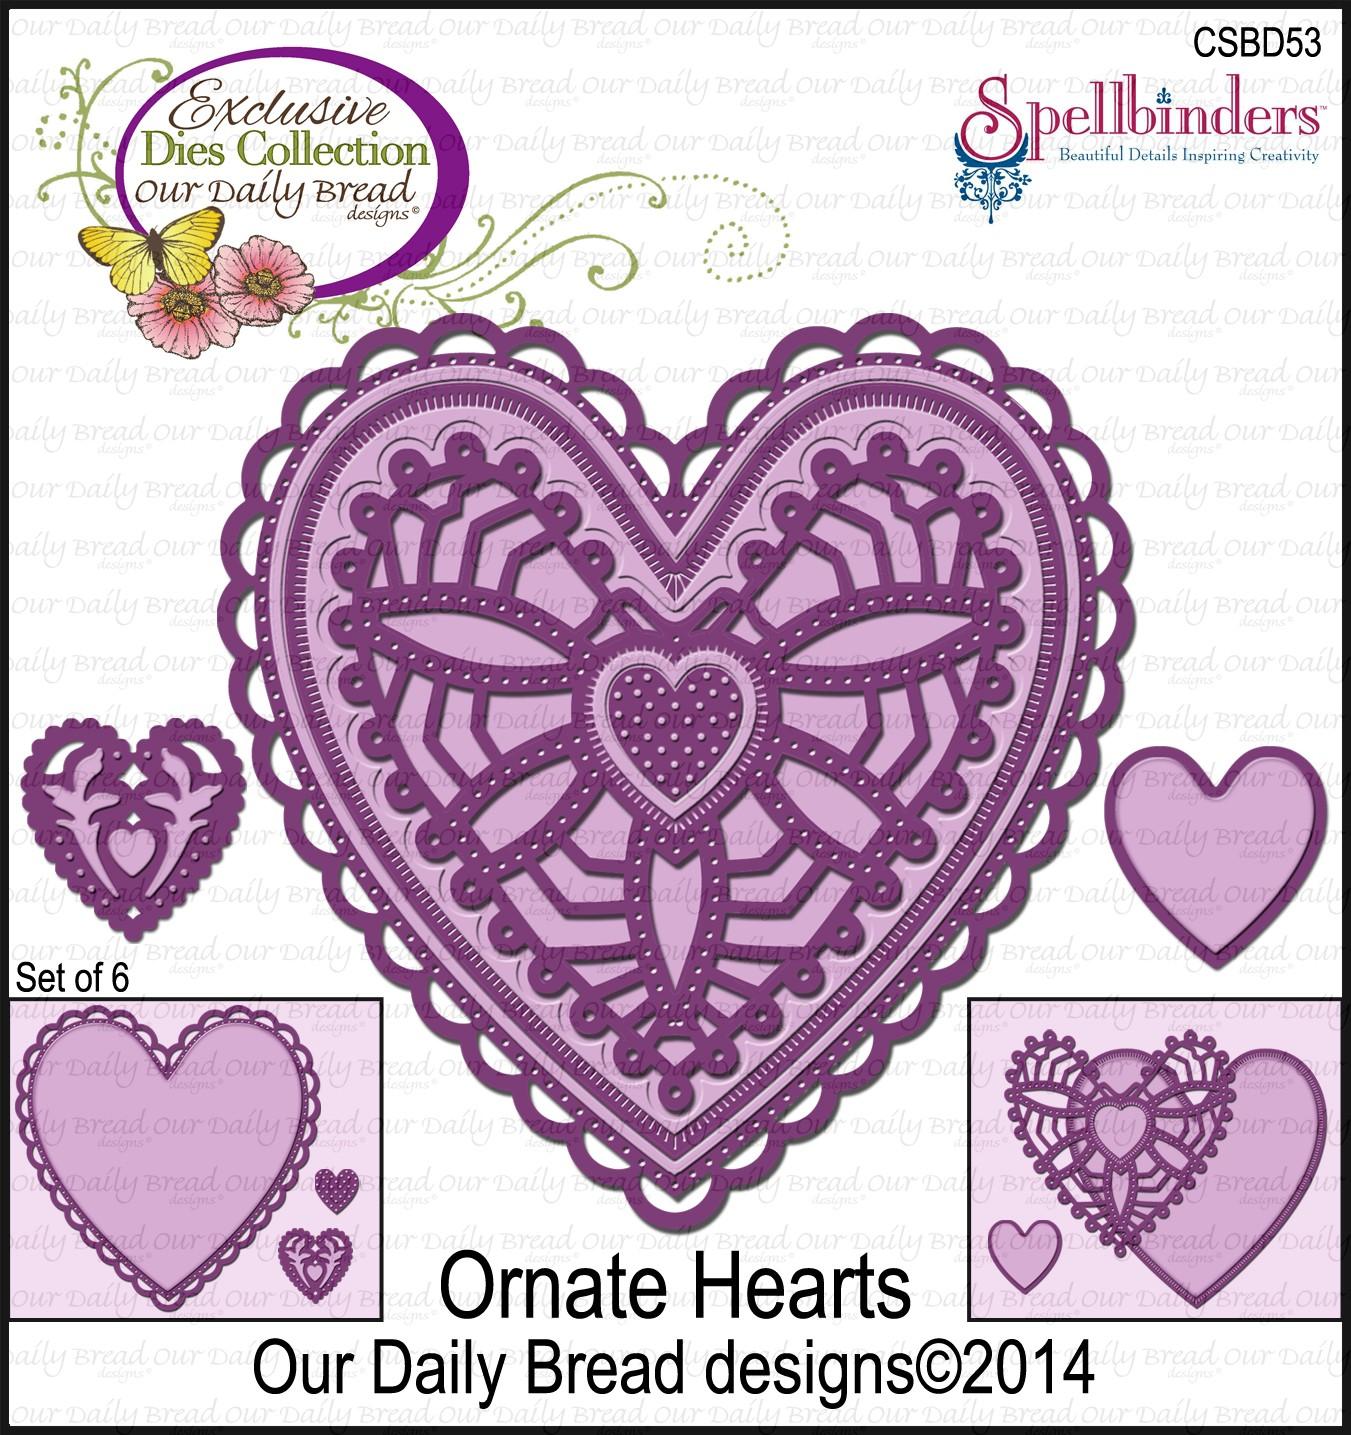 Purple Rose clipart fancy heart Lace heart tulle sjbutterflydreams: Ornate